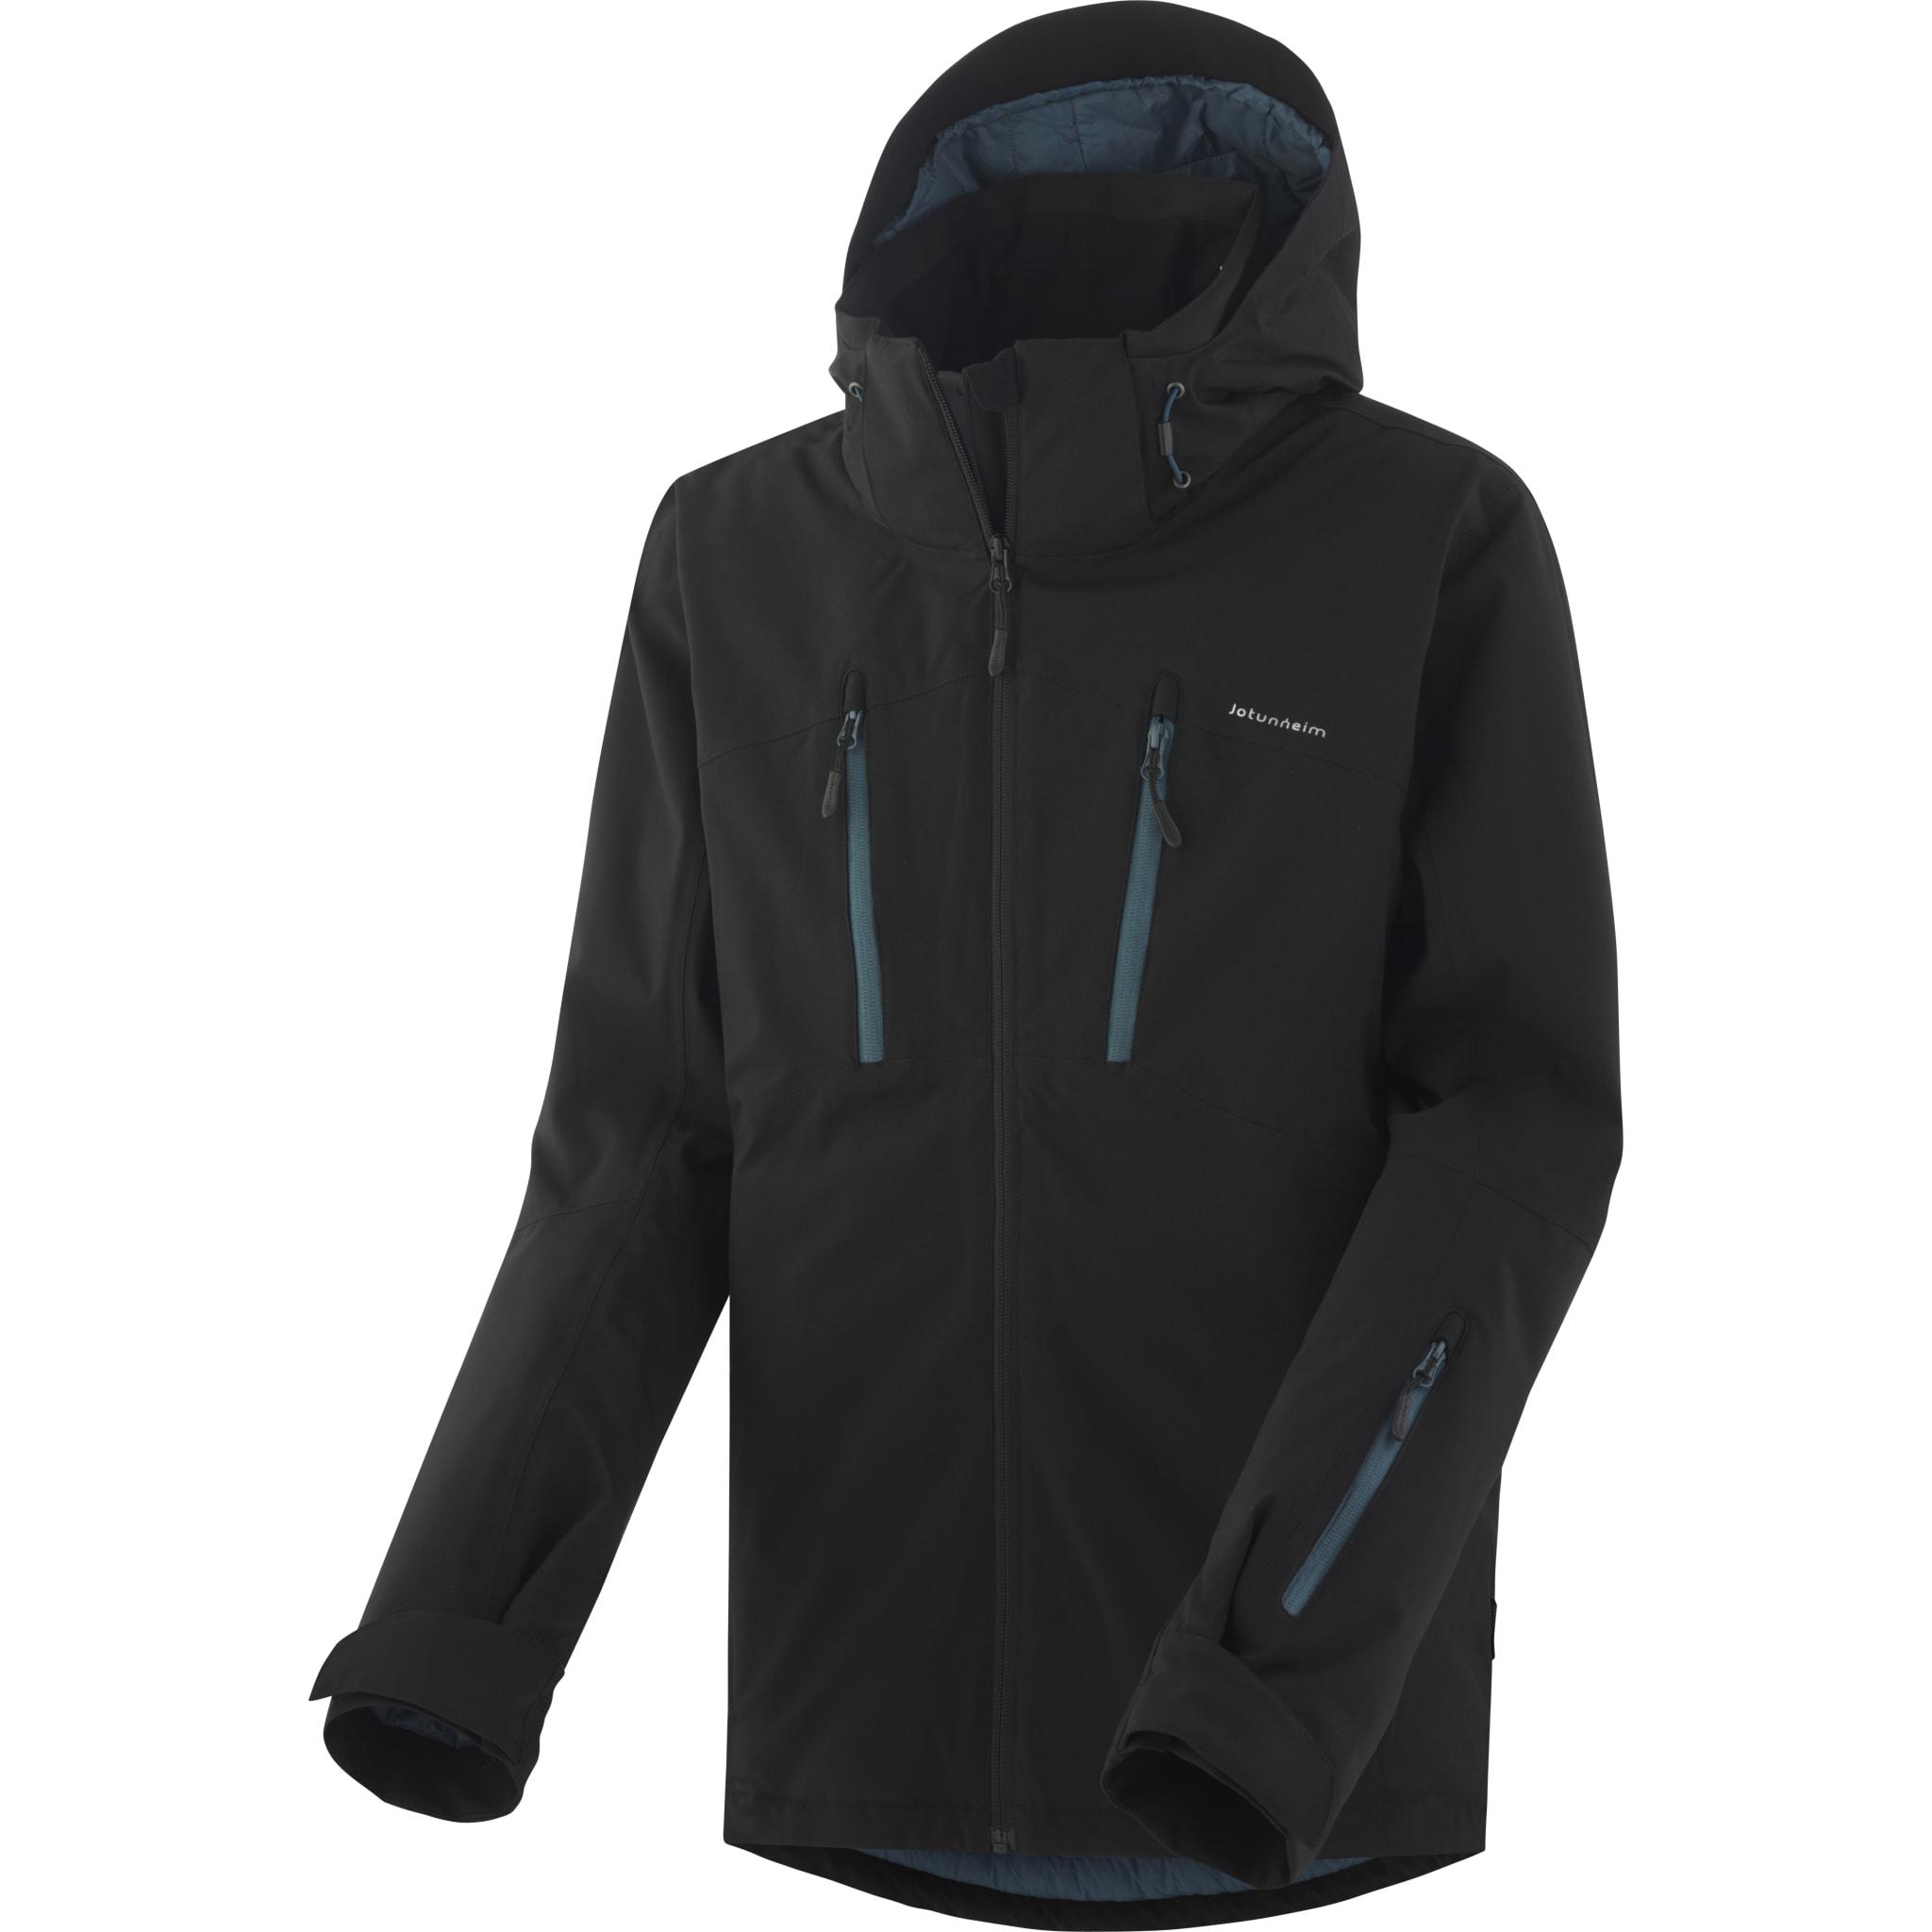 Vind- og vanntett jakke for alle slags vinteraktiviteter